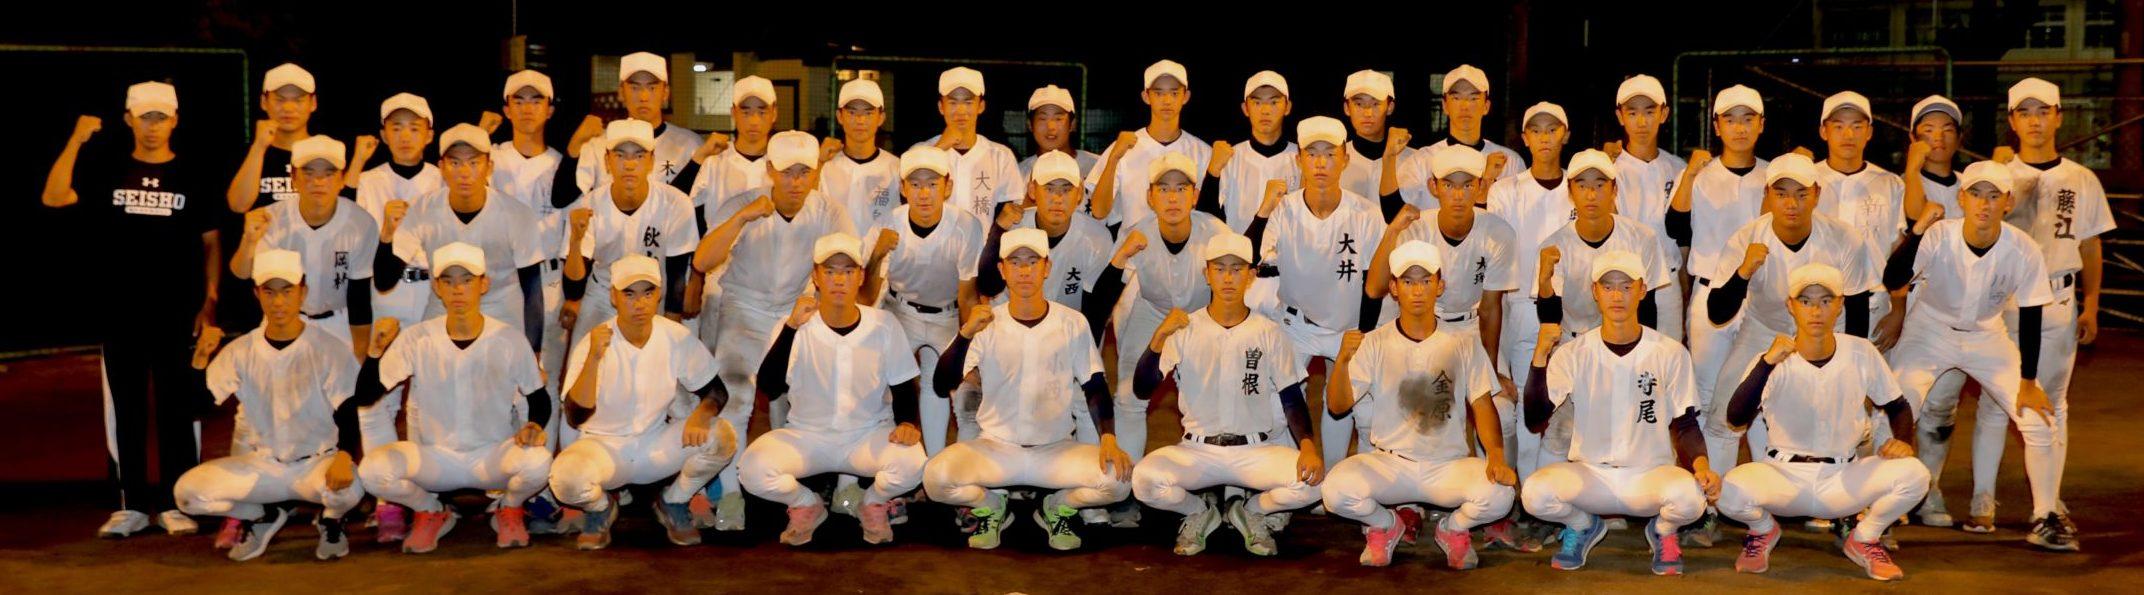 【静岡商 野球部】「原点回帰」#静岡商業